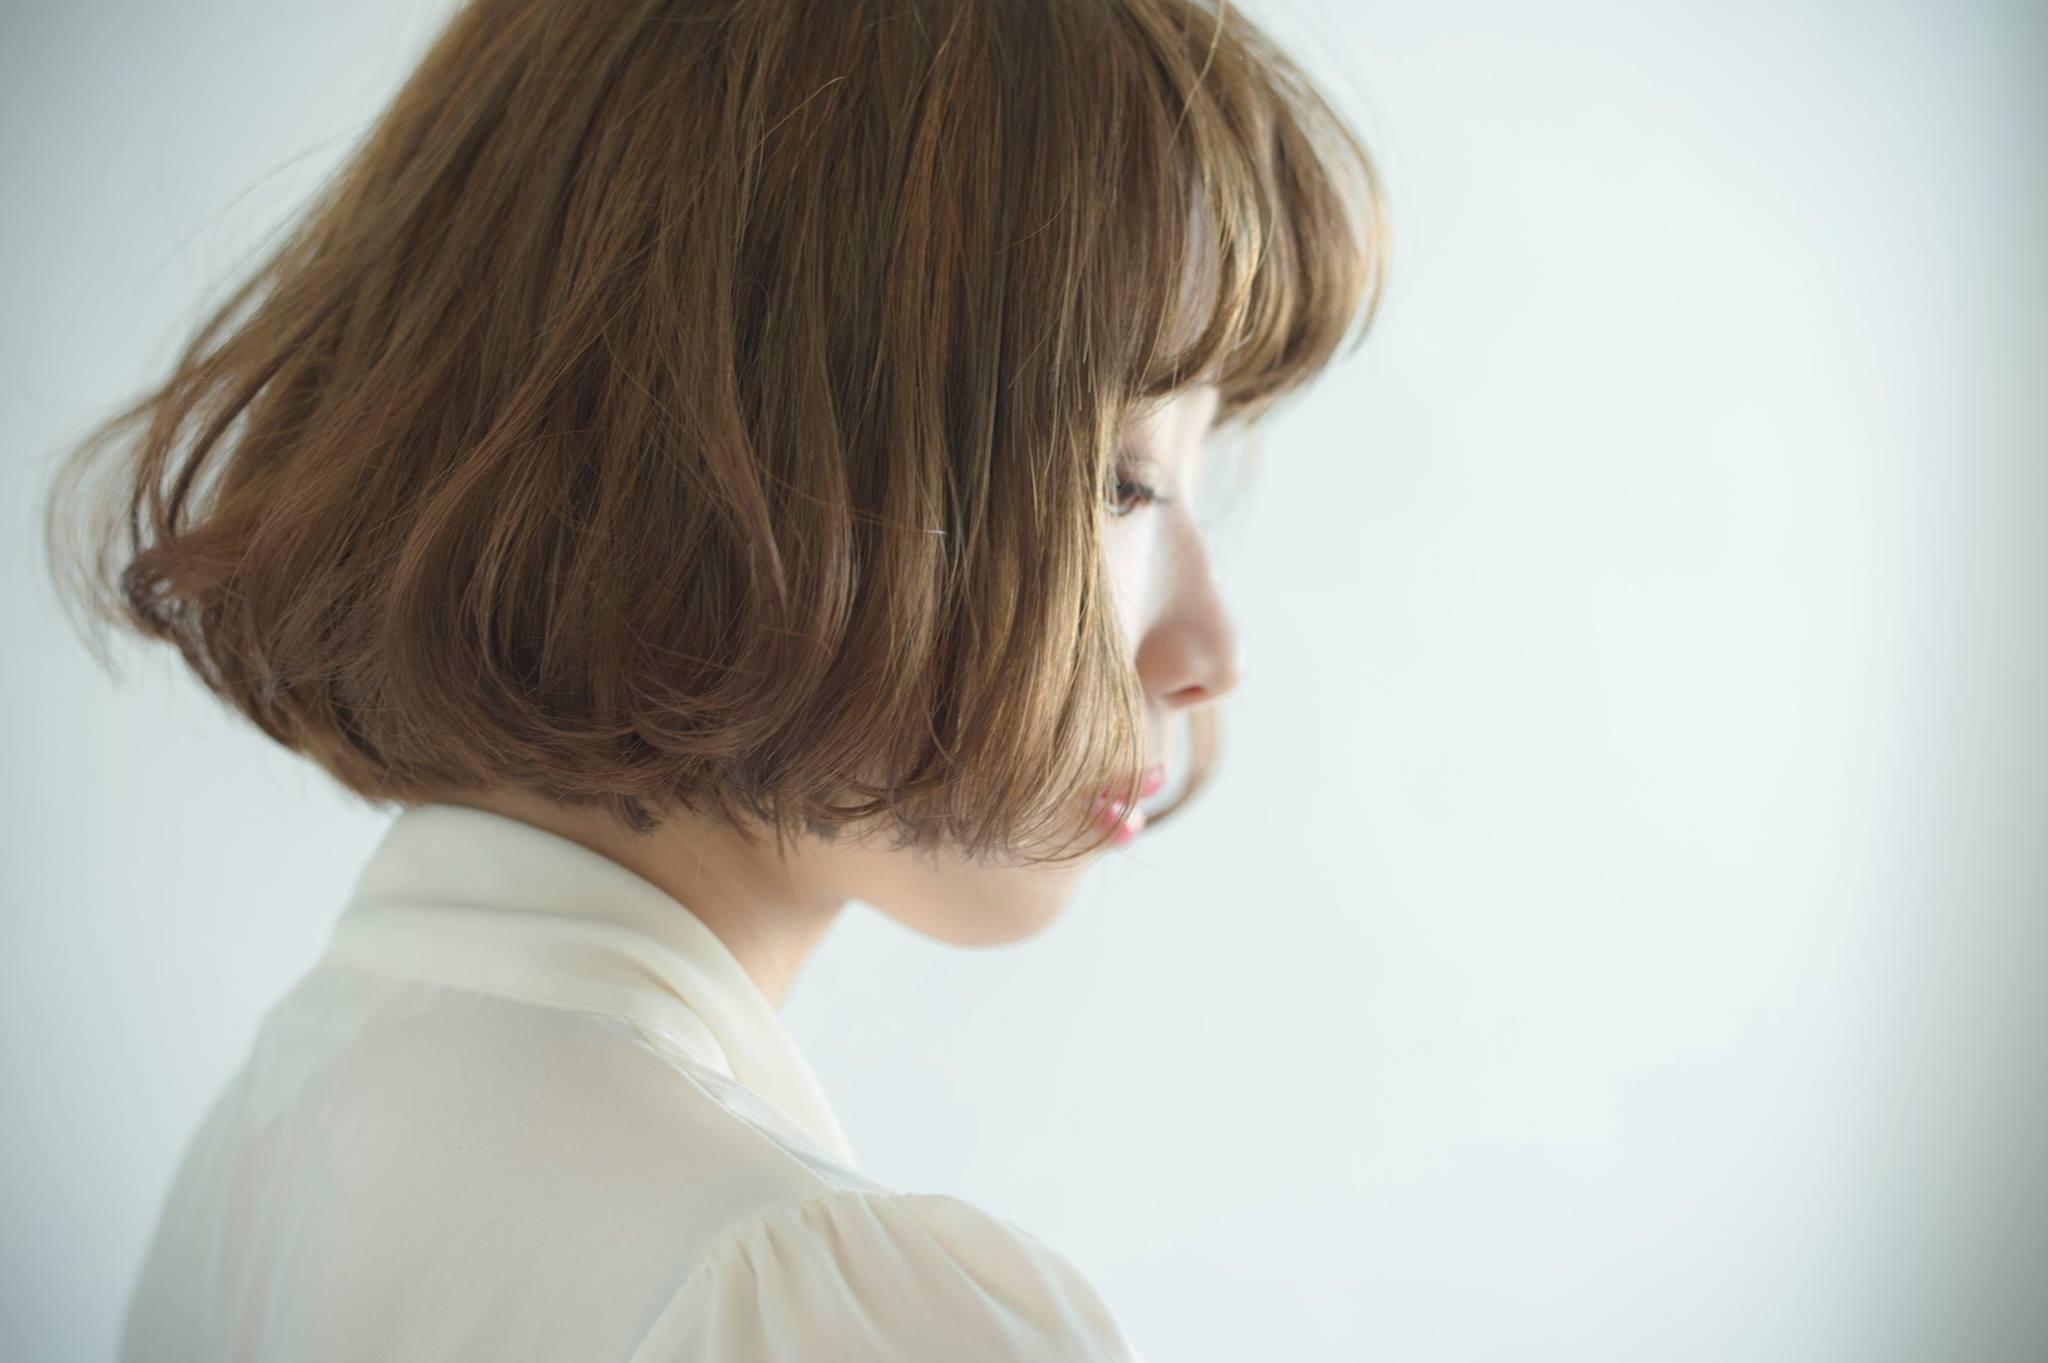 口コミで人気の自由が丘の美容室(ヘアアロン,美容院)keep hair designが提案するボブスタイル